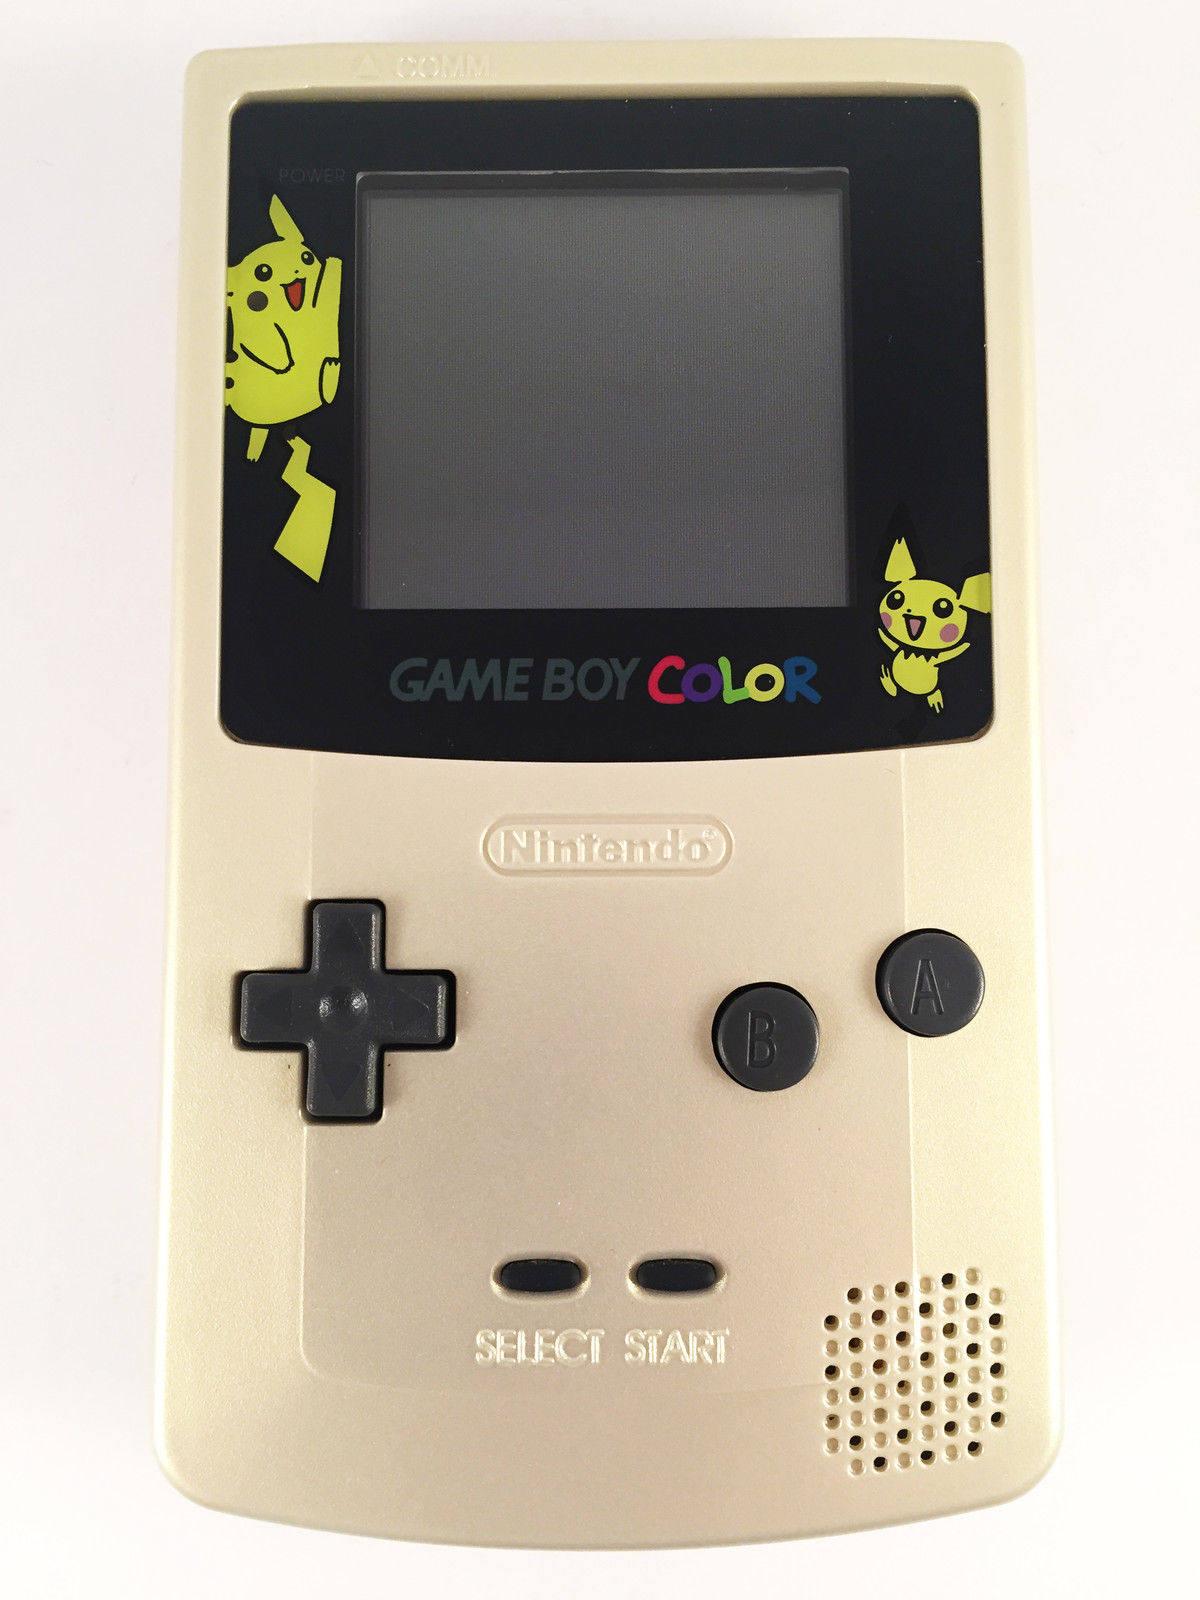 Game boy color -  Zoom